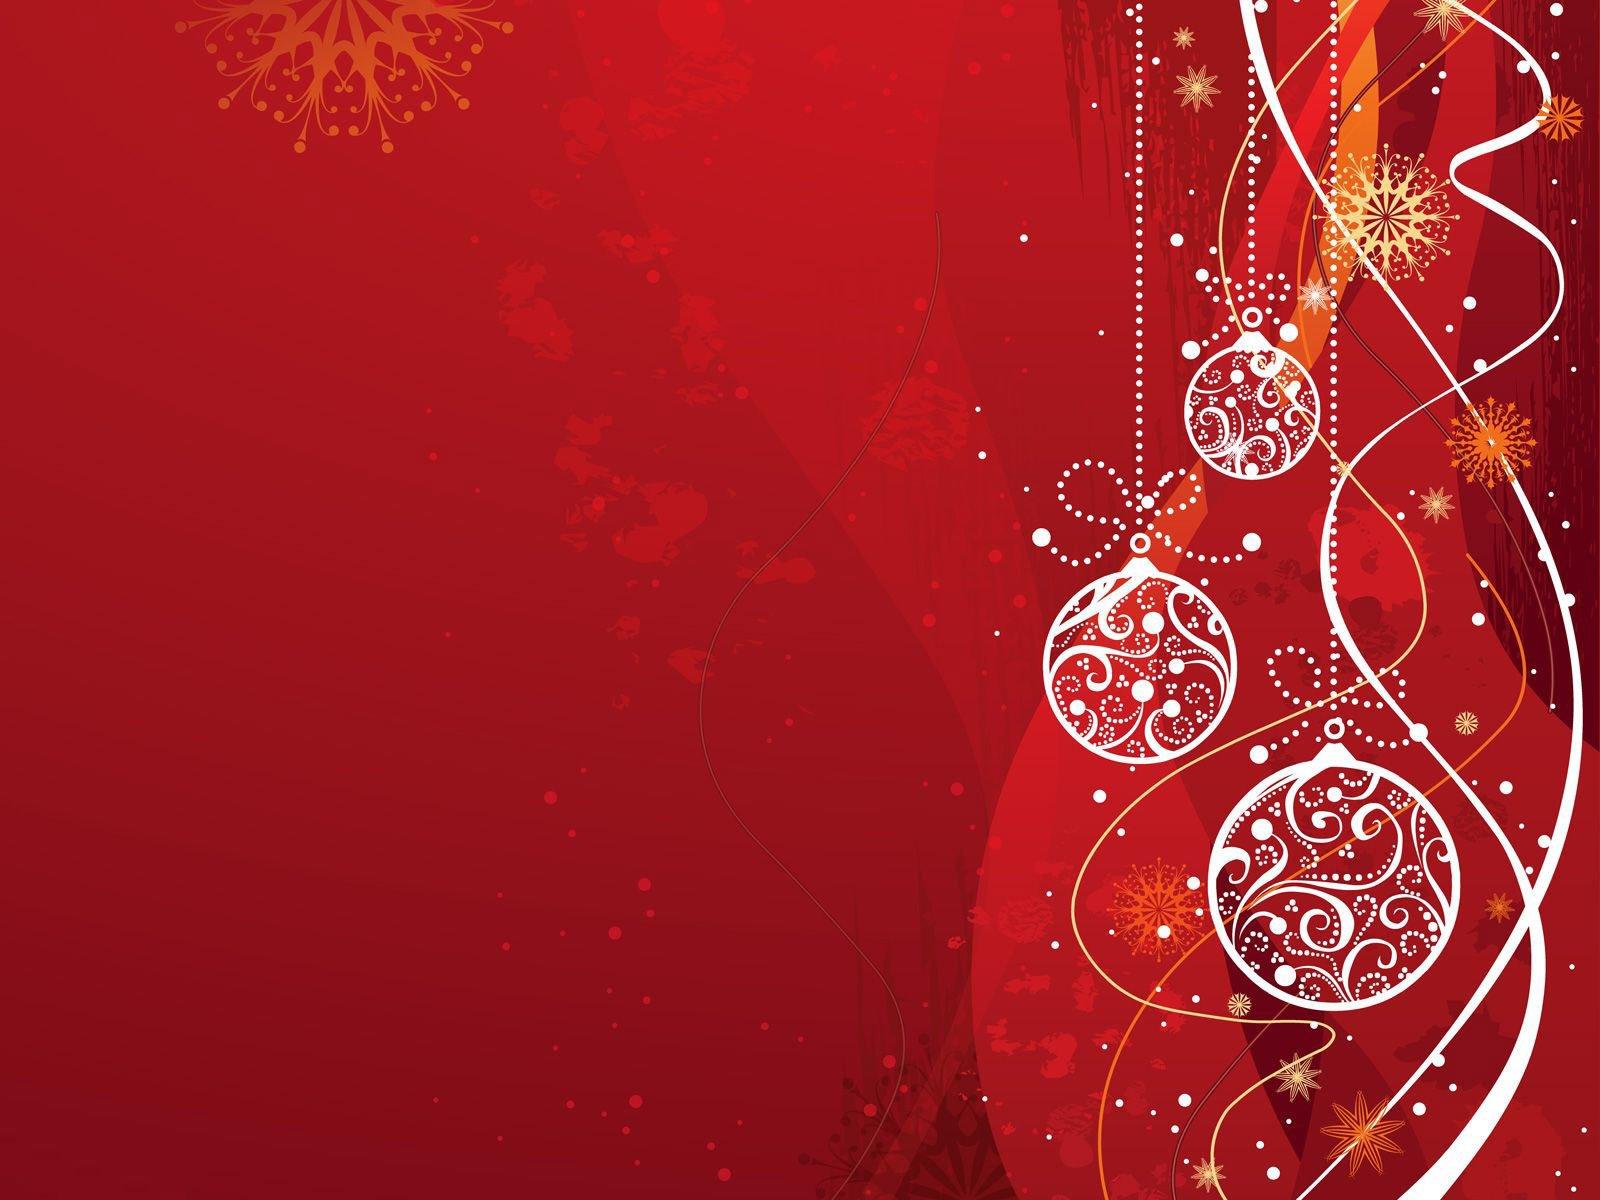 Новым годом, фон для открыток новогодних